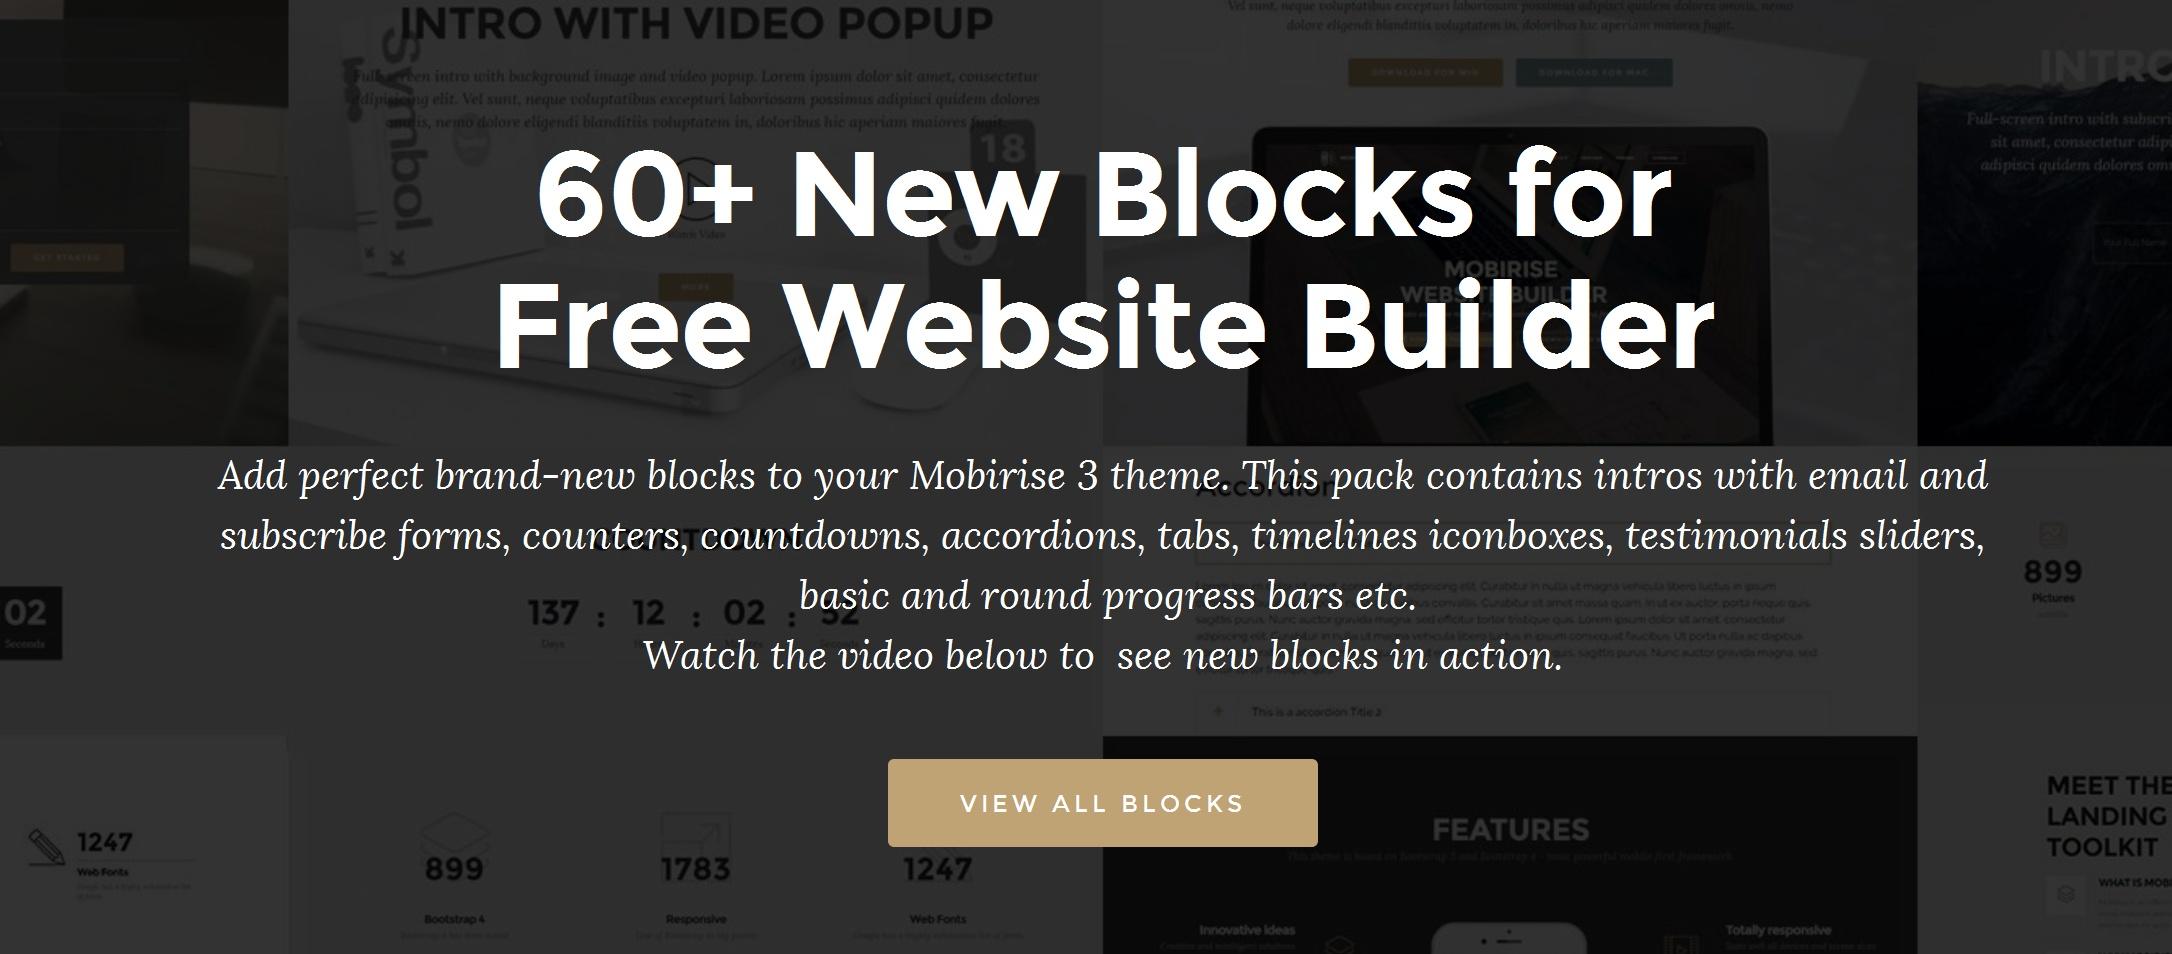 Offline Responsive Web Site Creator